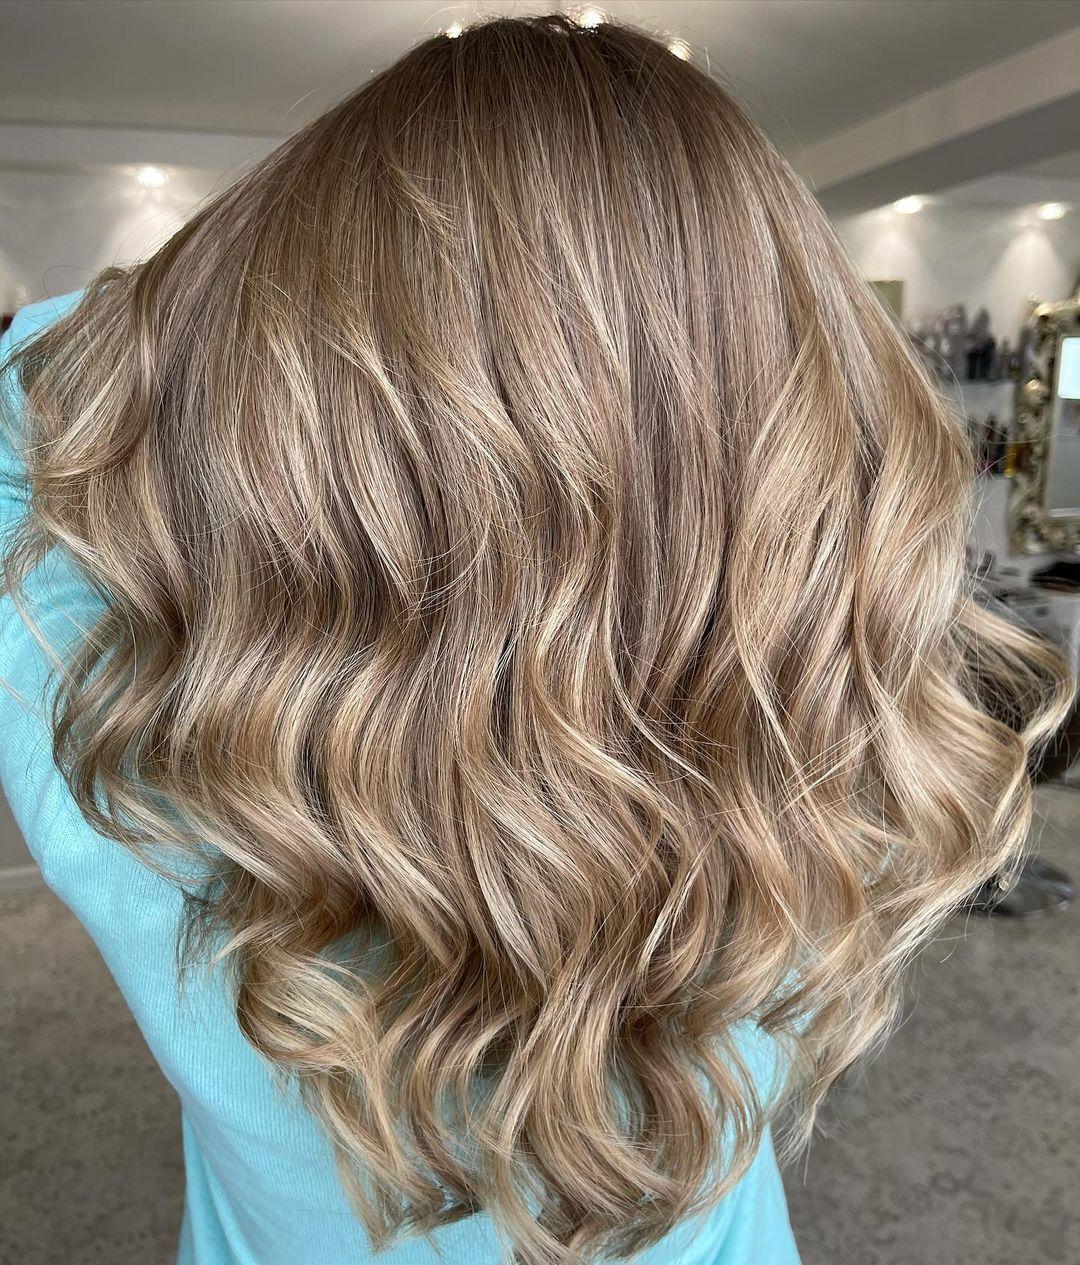 Stunning Dishwater Blonde Hair